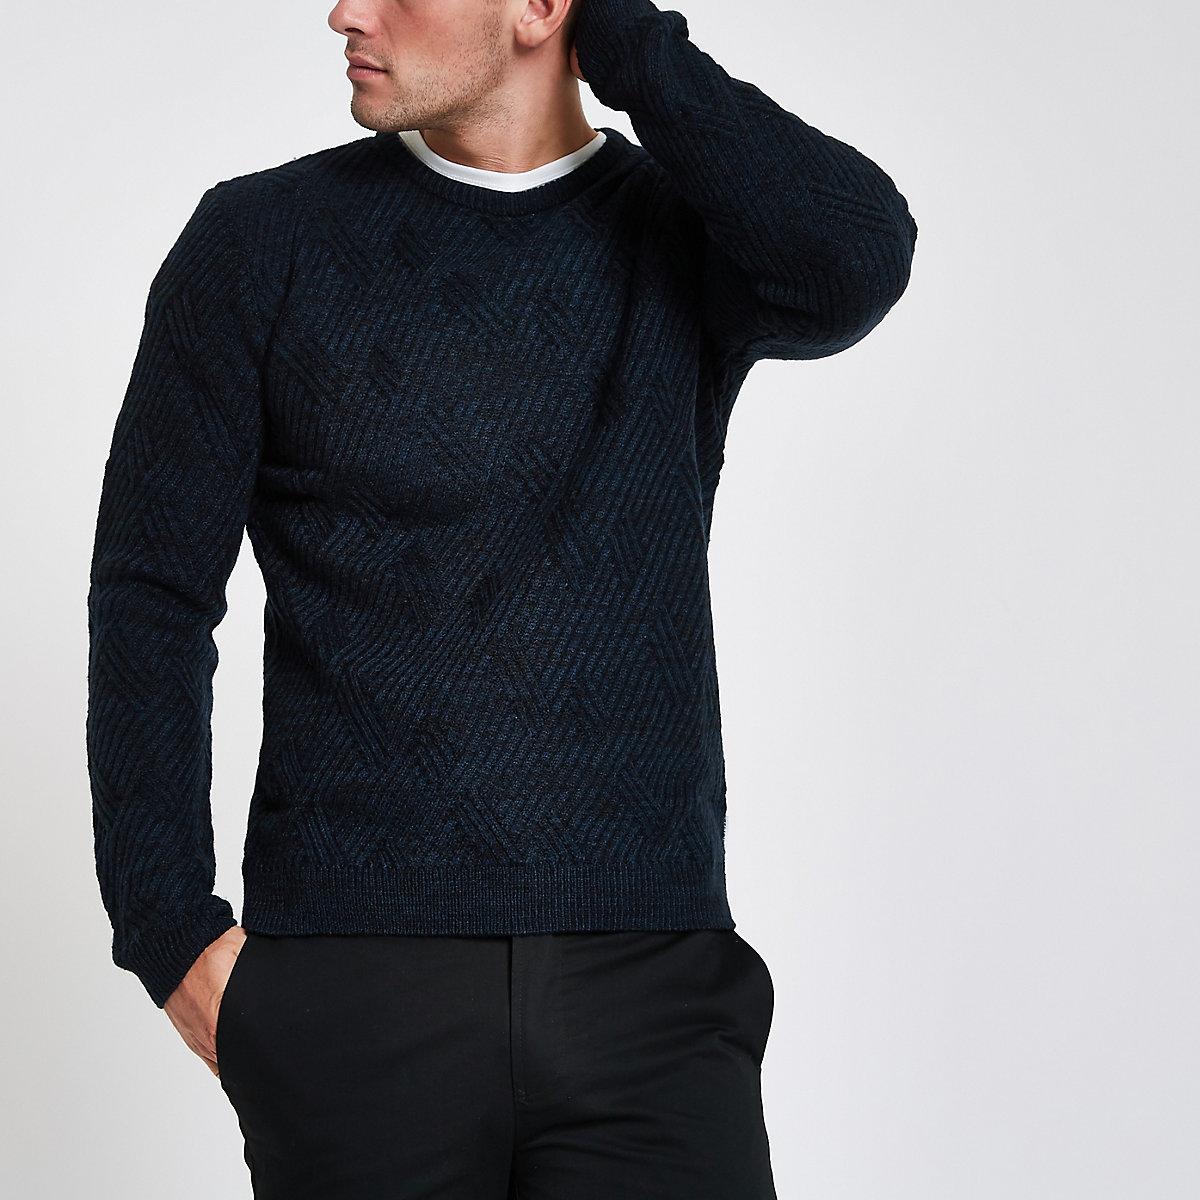 Bellfield navy textured crew neck sweater